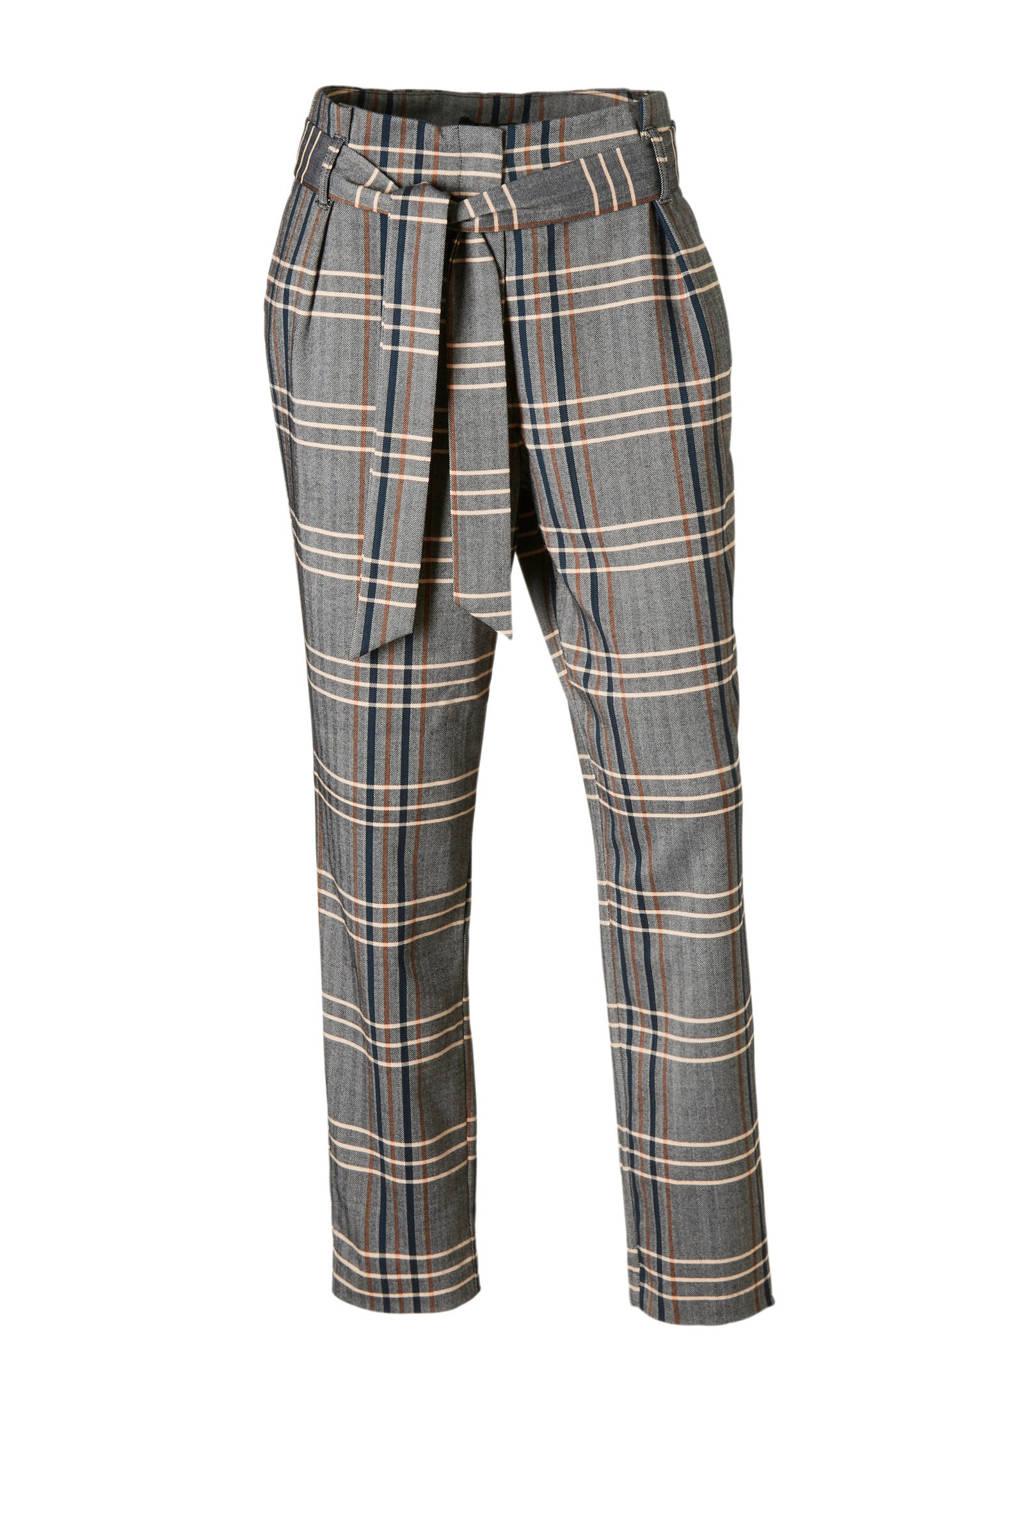 ONLY geruite broek met bind ceintuur, Grijs/Bruin/Blauw